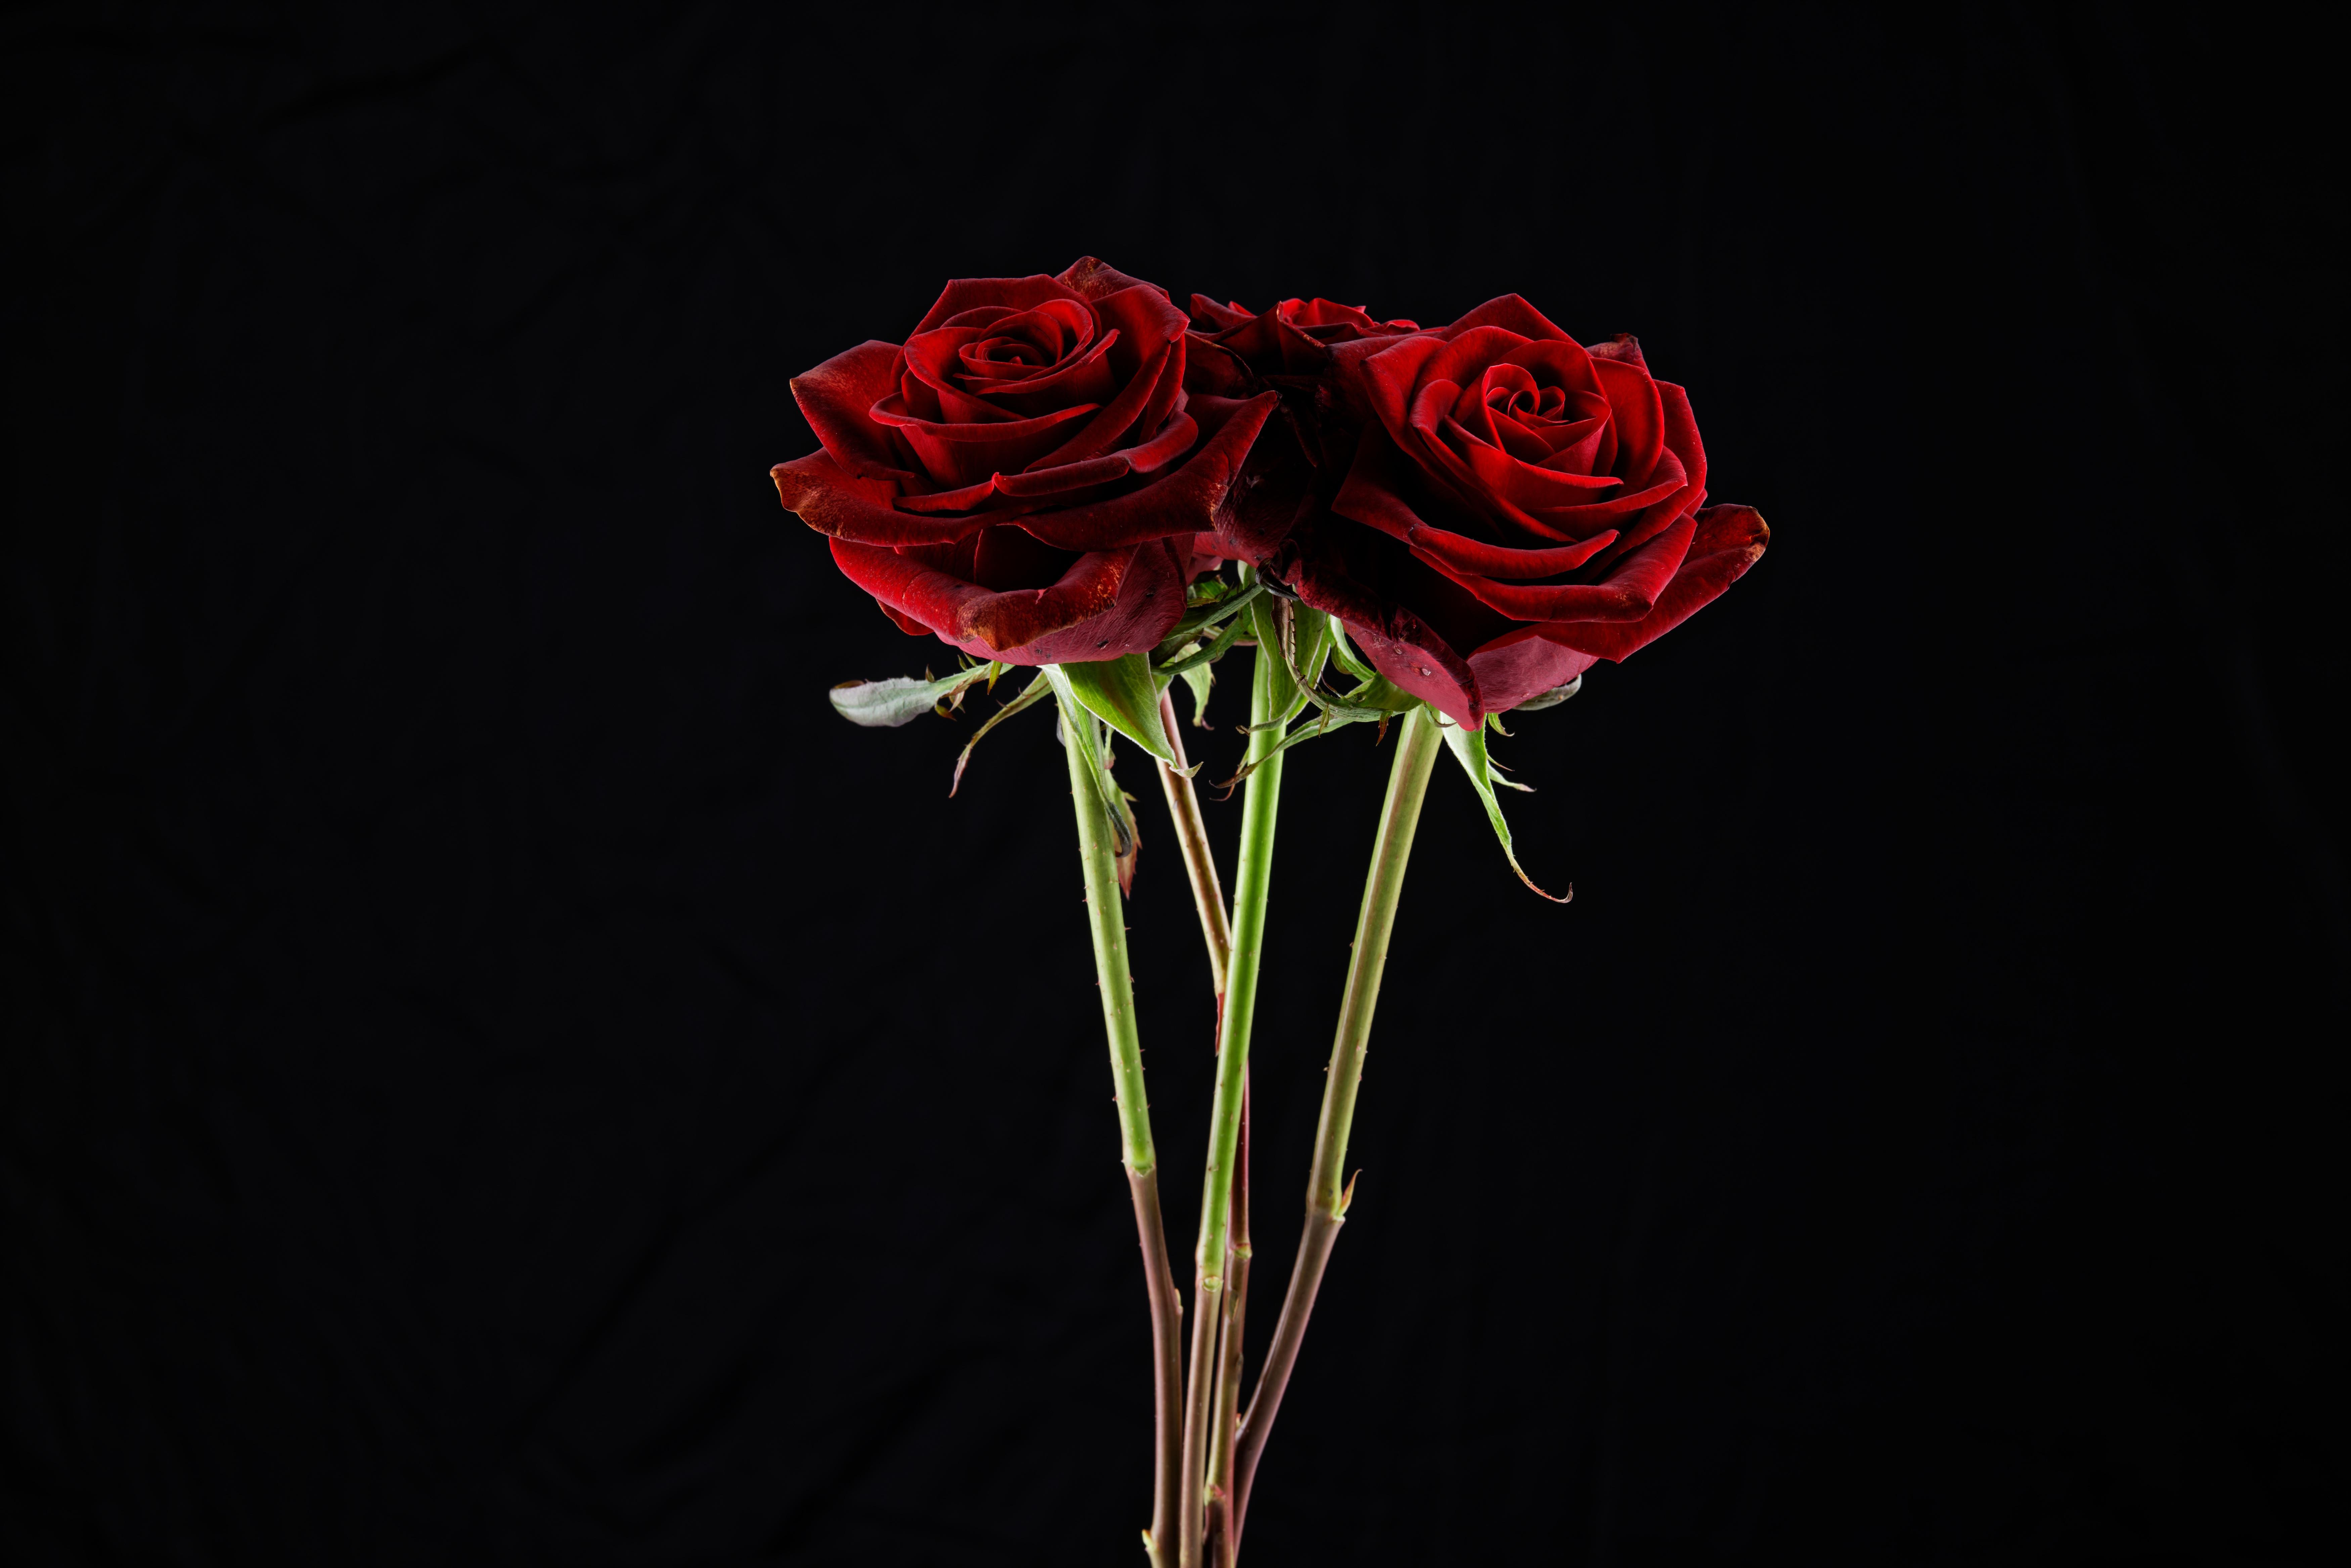 Desktop Hintergrundbilder Blumensträuße Rot Rose Blüte Schwarzer Hintergrund 7000x4669 Sträuße Rosen Blumen